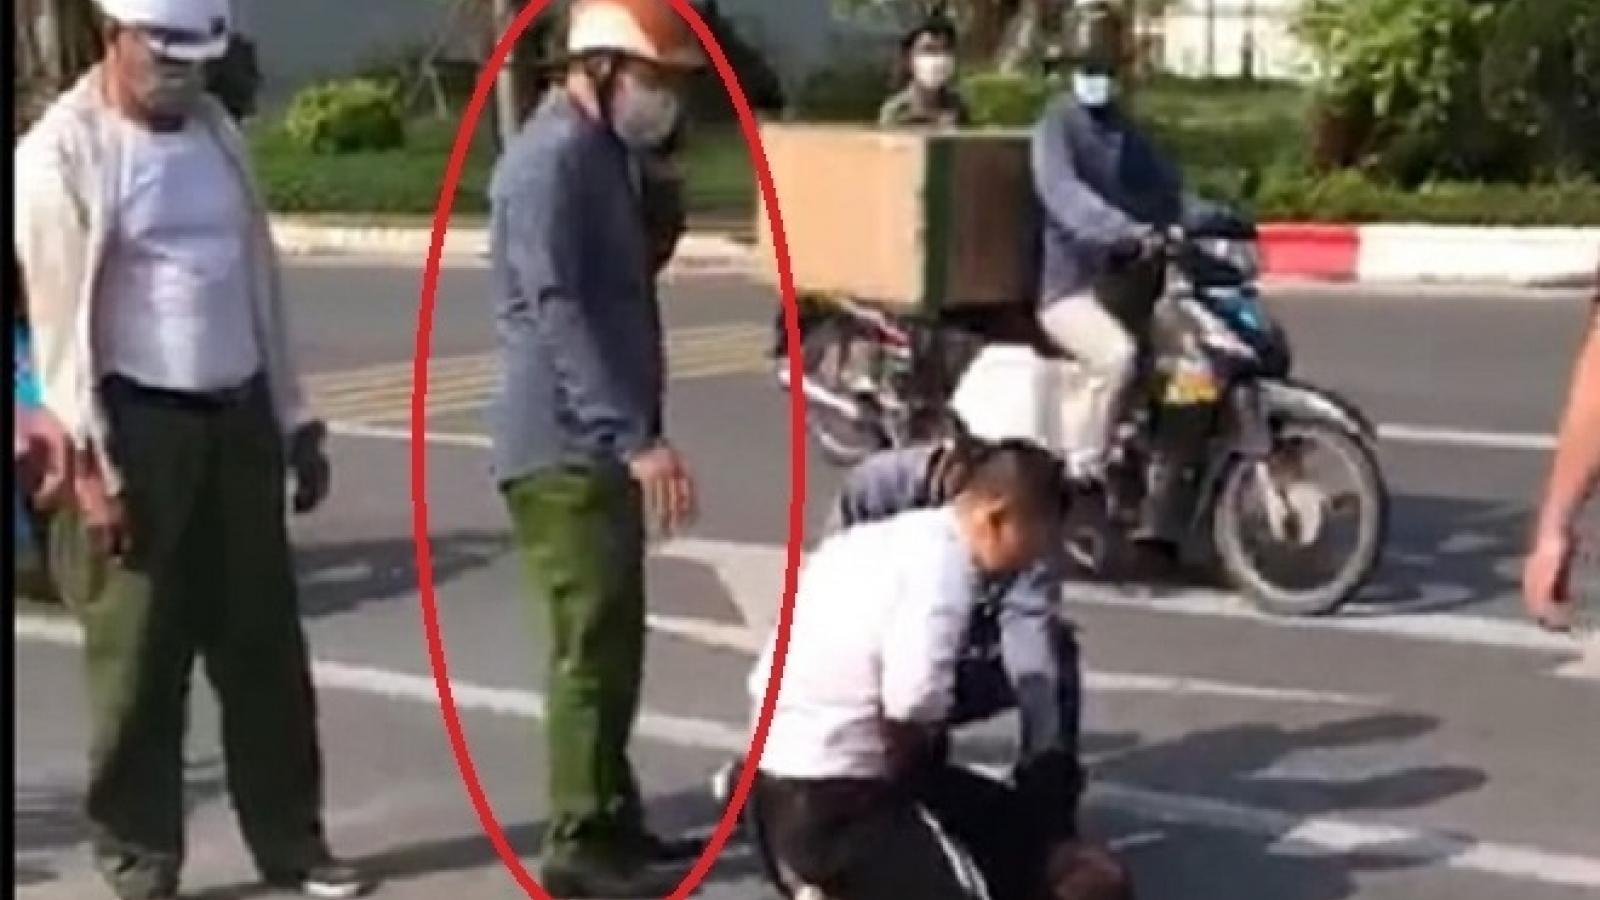 Tường trình của công an đứng bấm điện thoại nhìn lái xe vật lộn với tên cướp